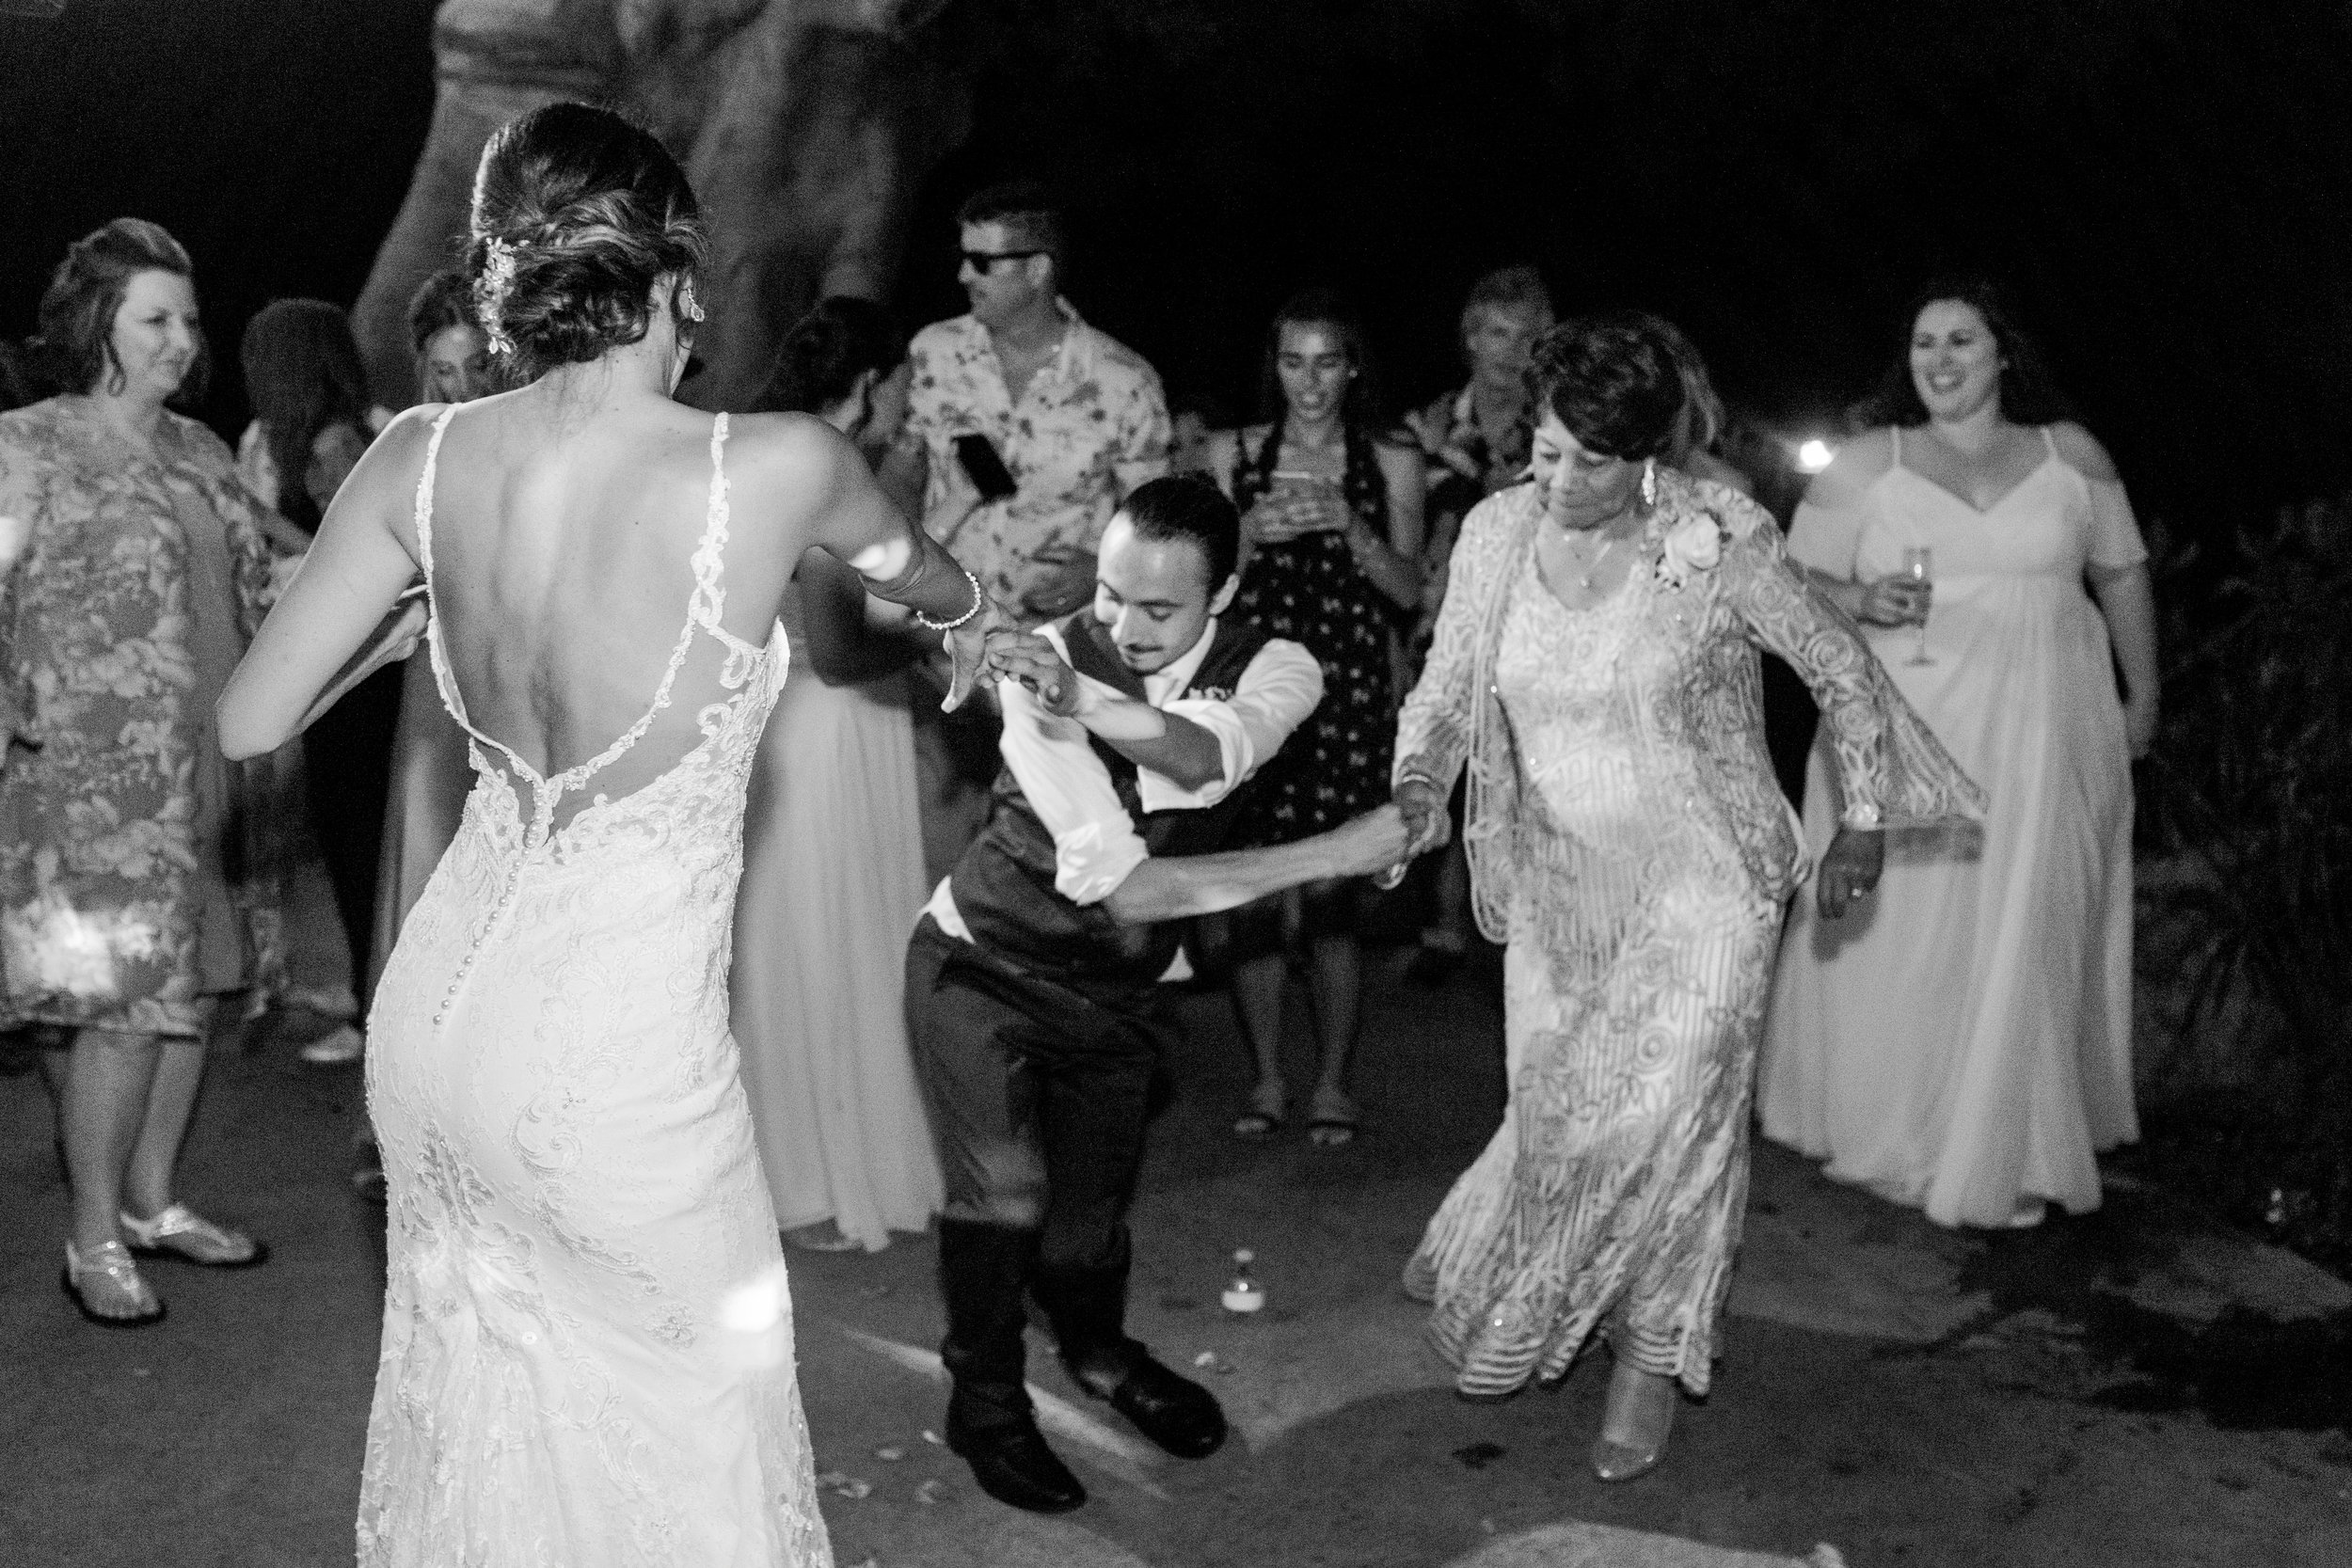 Olowalu-Plantation-House-wedding-Maui-Hawaii-13.jpg